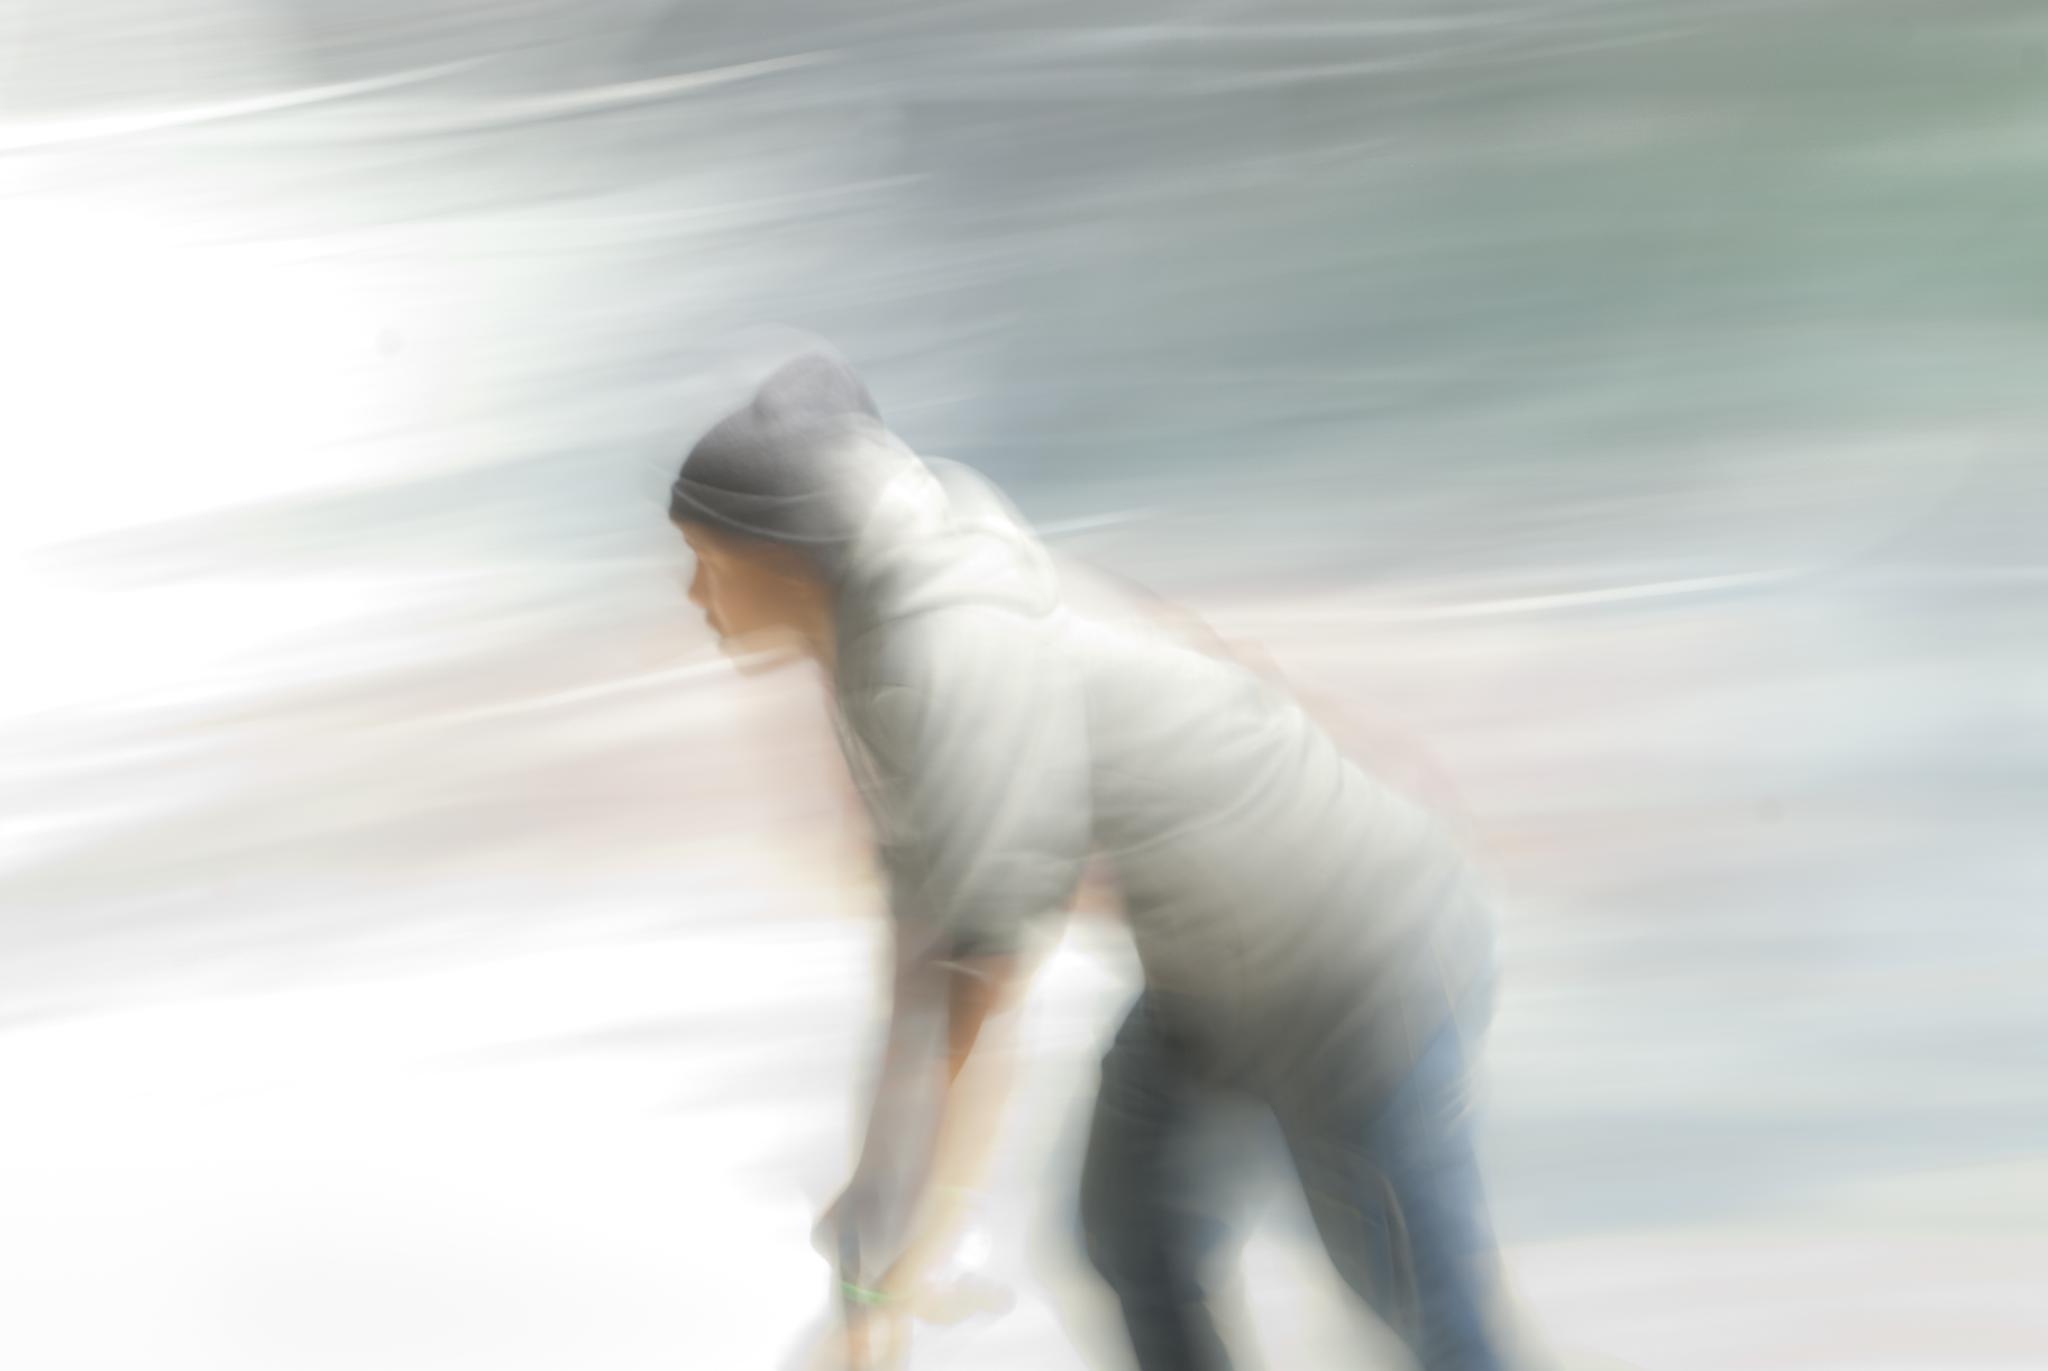 A Skater as a Blur by Richard Rykard